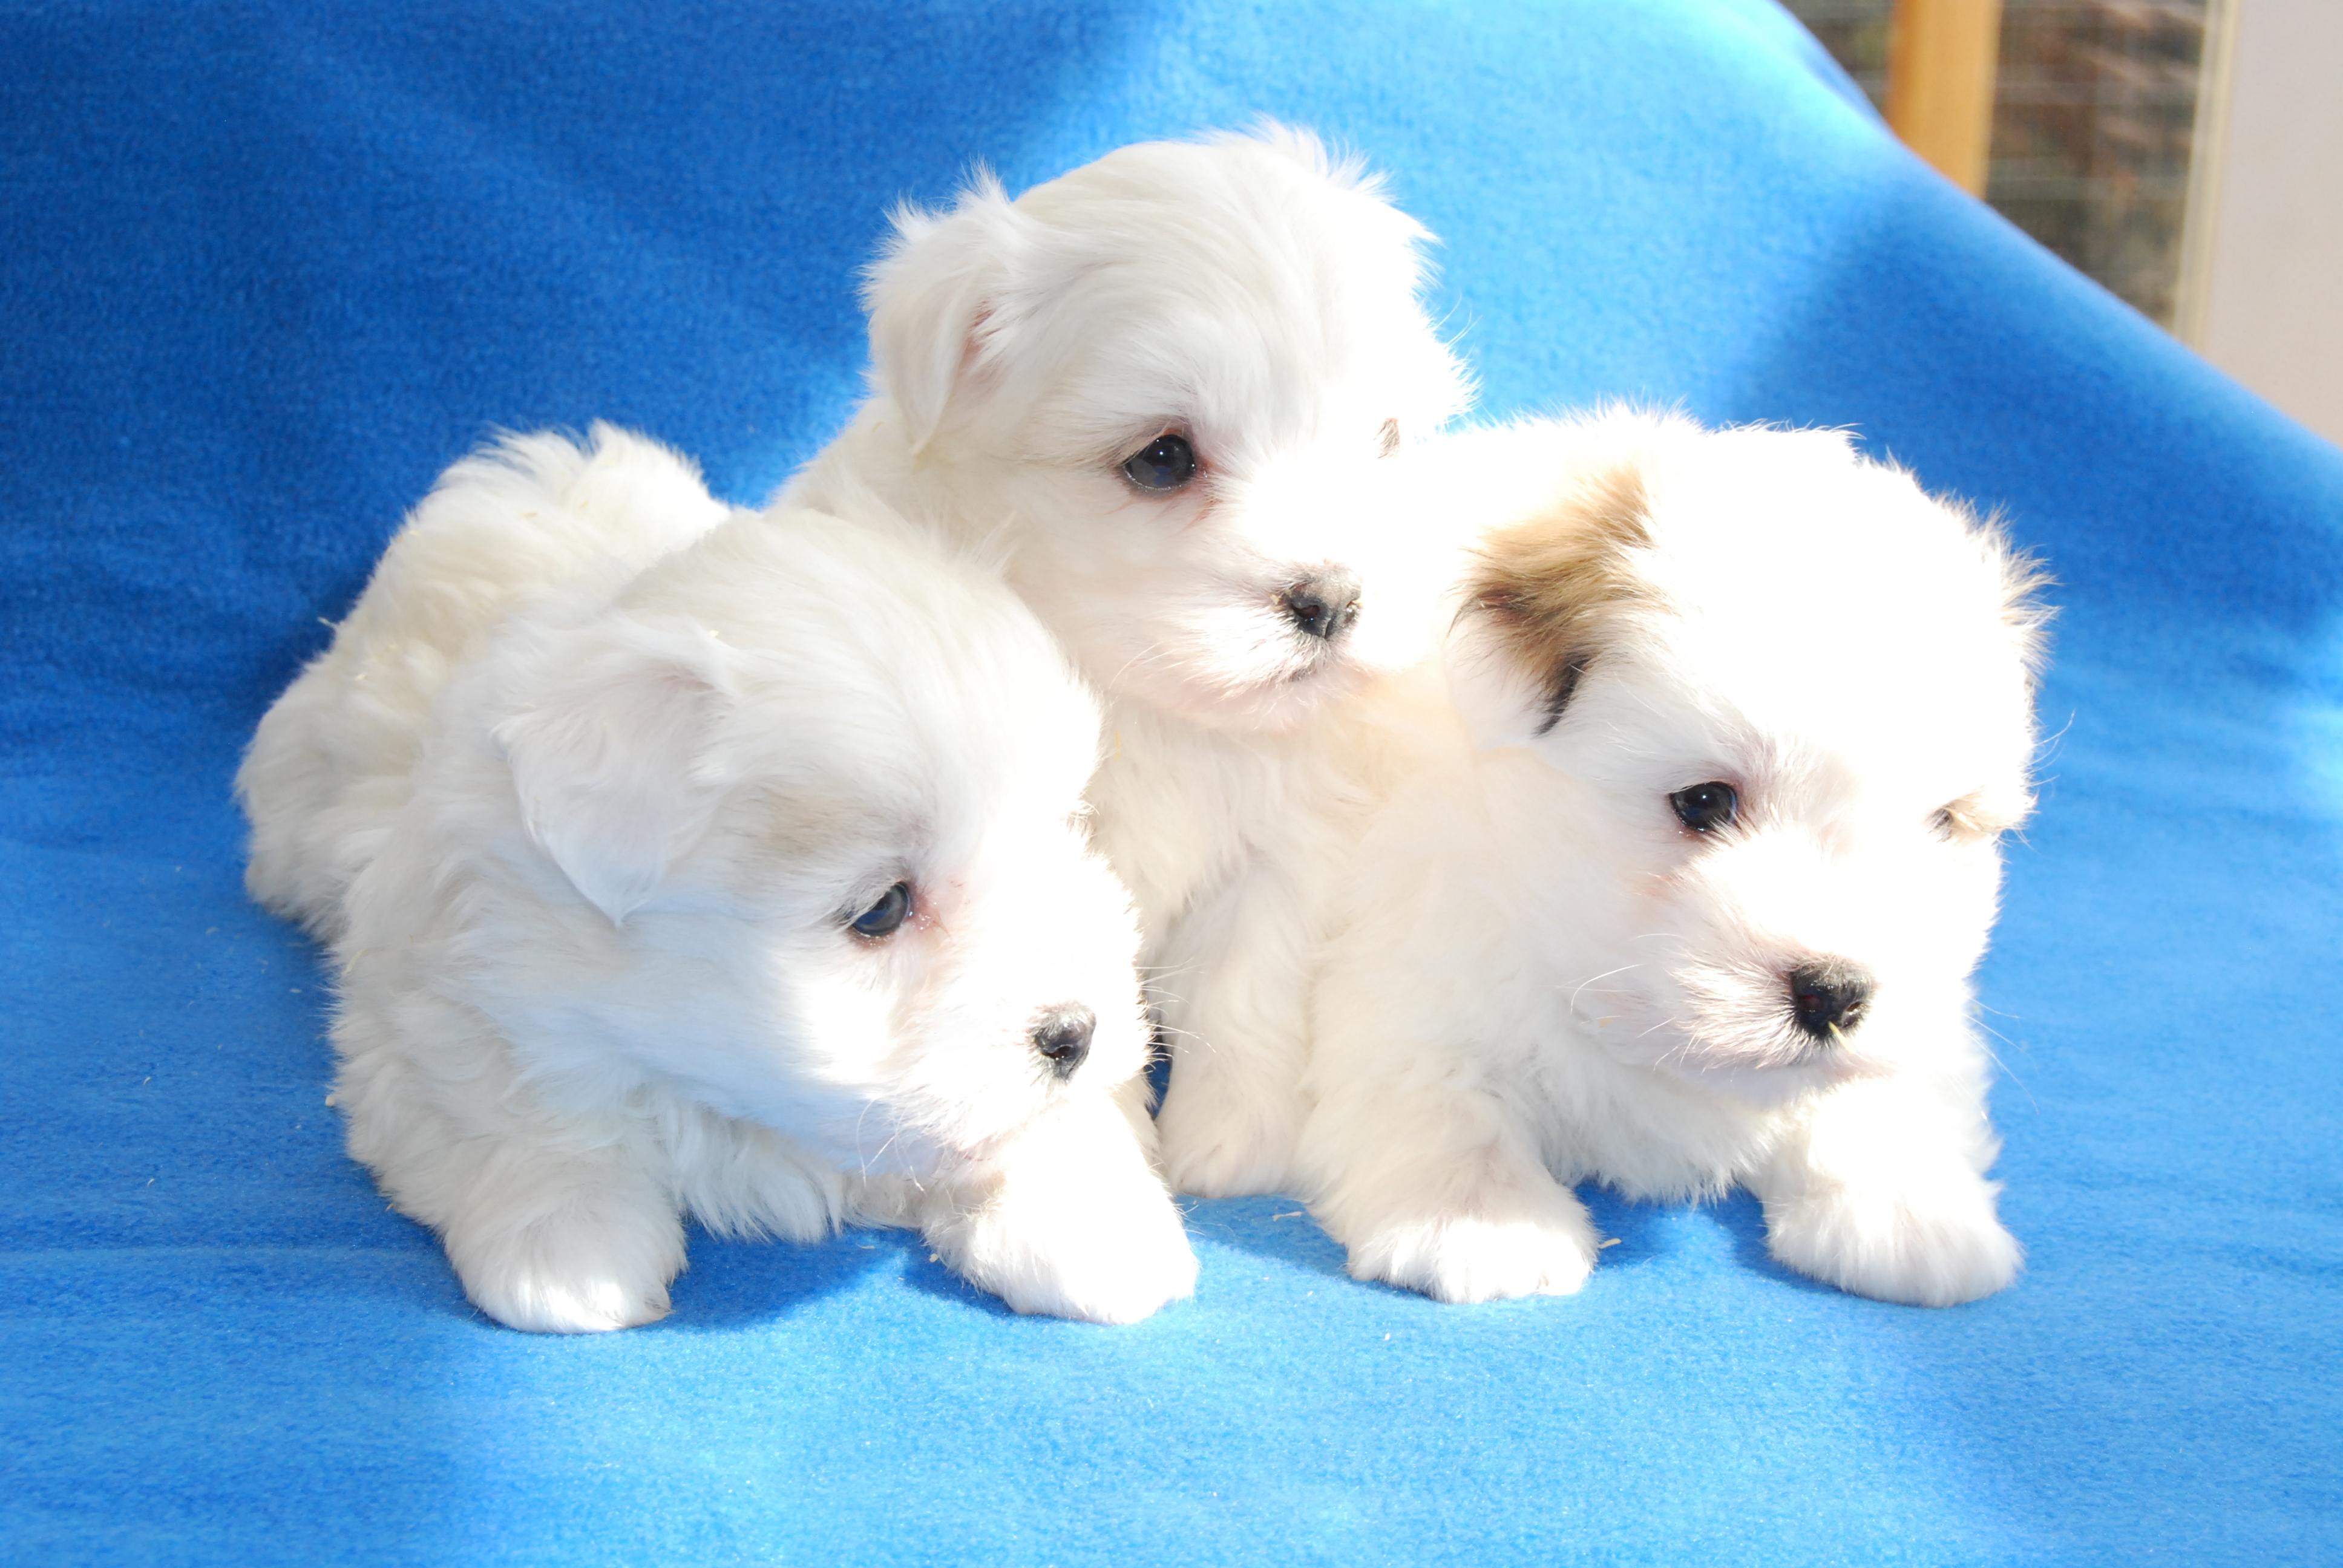 Nuevas fotos de los cachorros